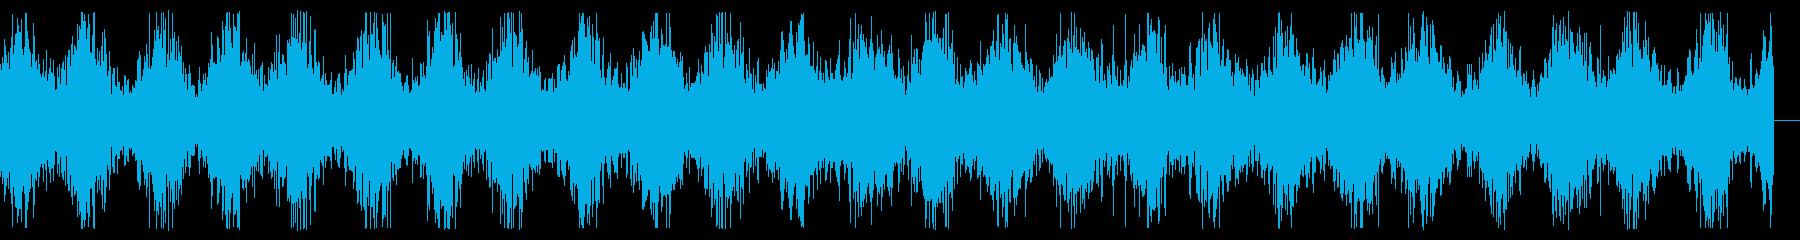 レーザーサーベルが放電しているイメージの再生済みの波形